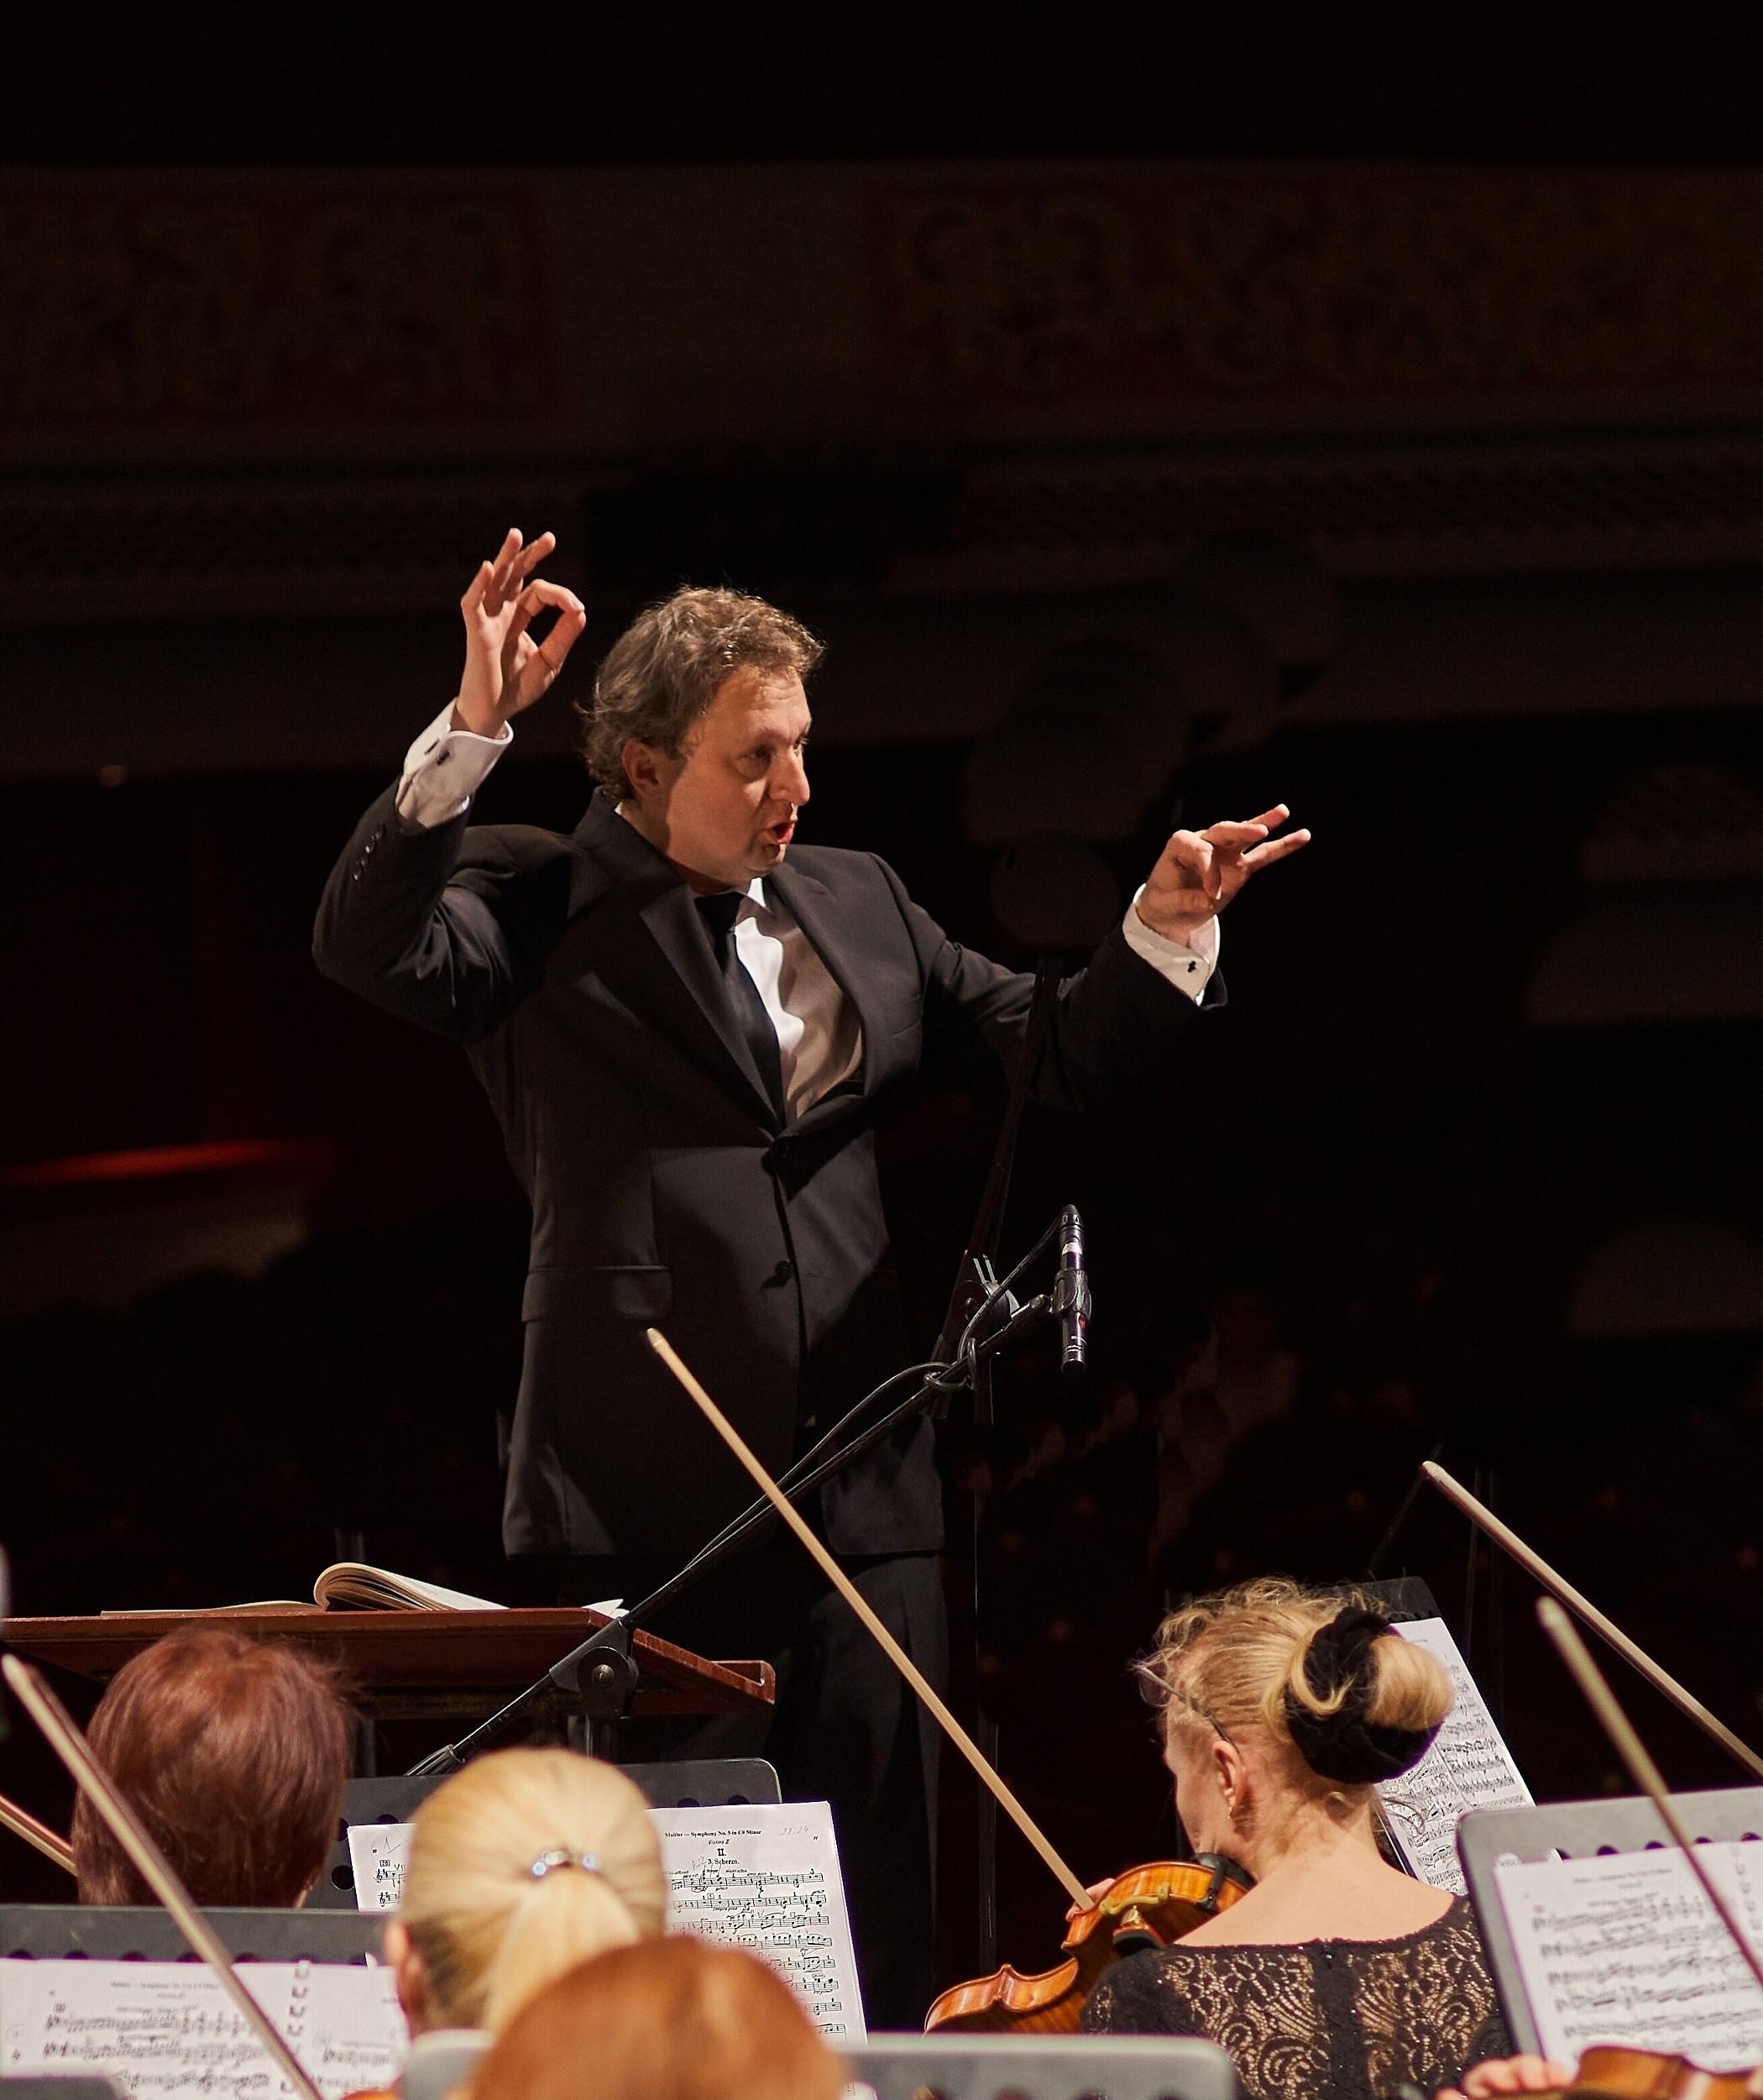 Симфонический оркестр Астраханского театра Оперы и Балета под управлением главного дирижёра Валерия Воронина завершит фестиваль классической музыки  «Сочи. Сириус»